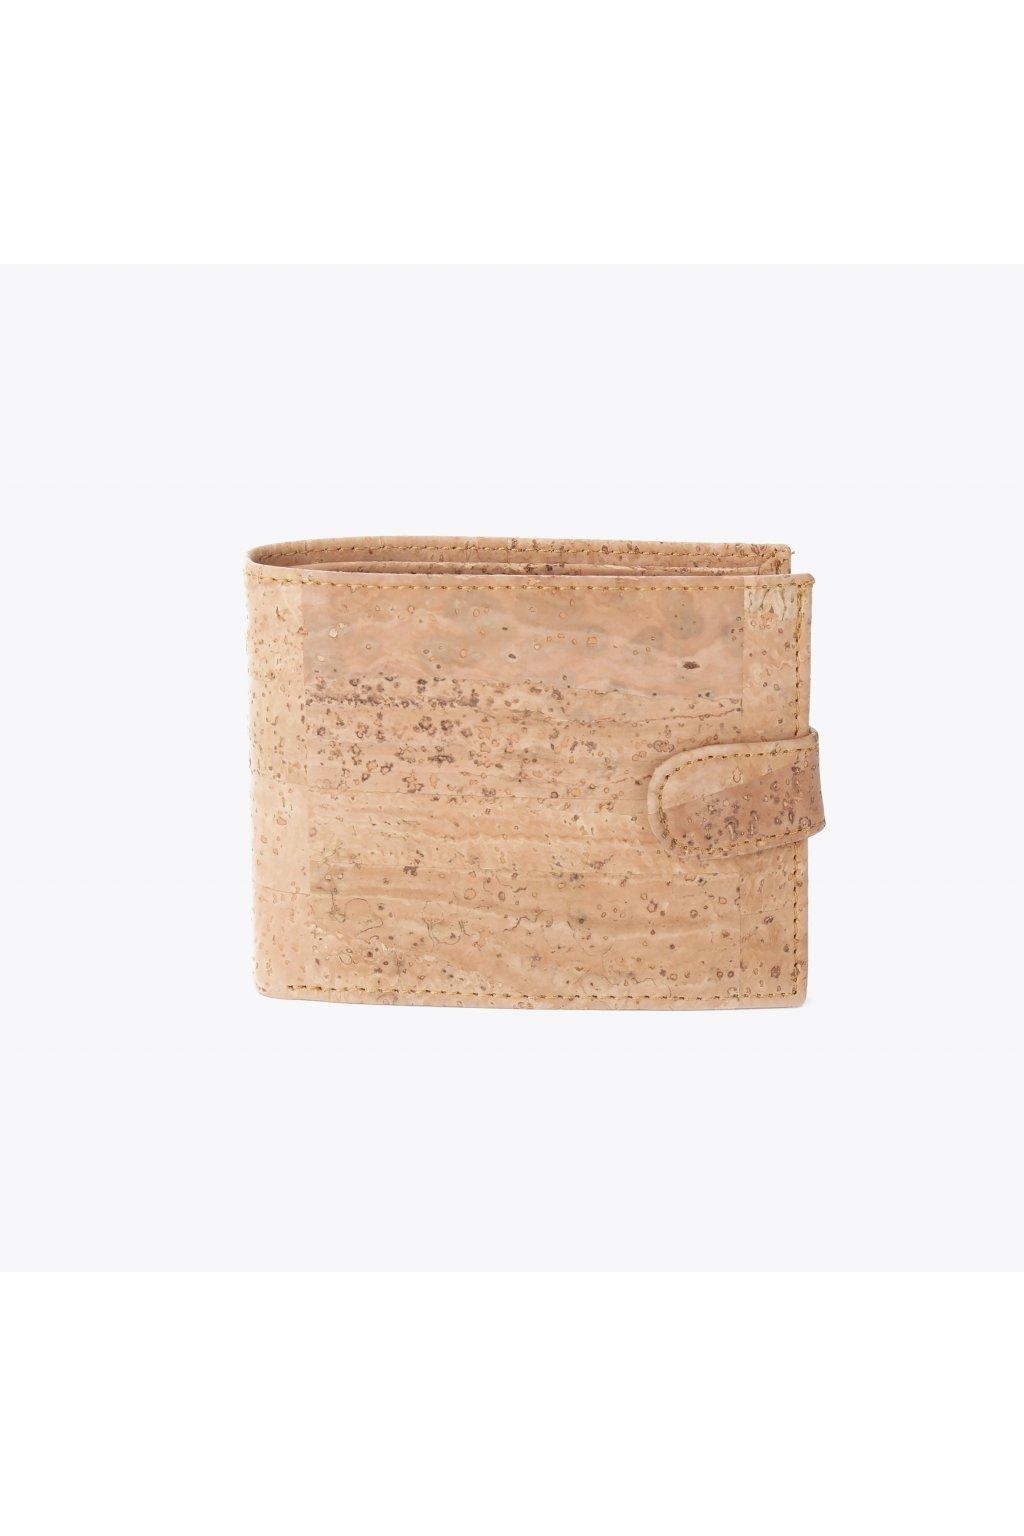 Pánska korková peňaženka (so zapínaním) - prírodná